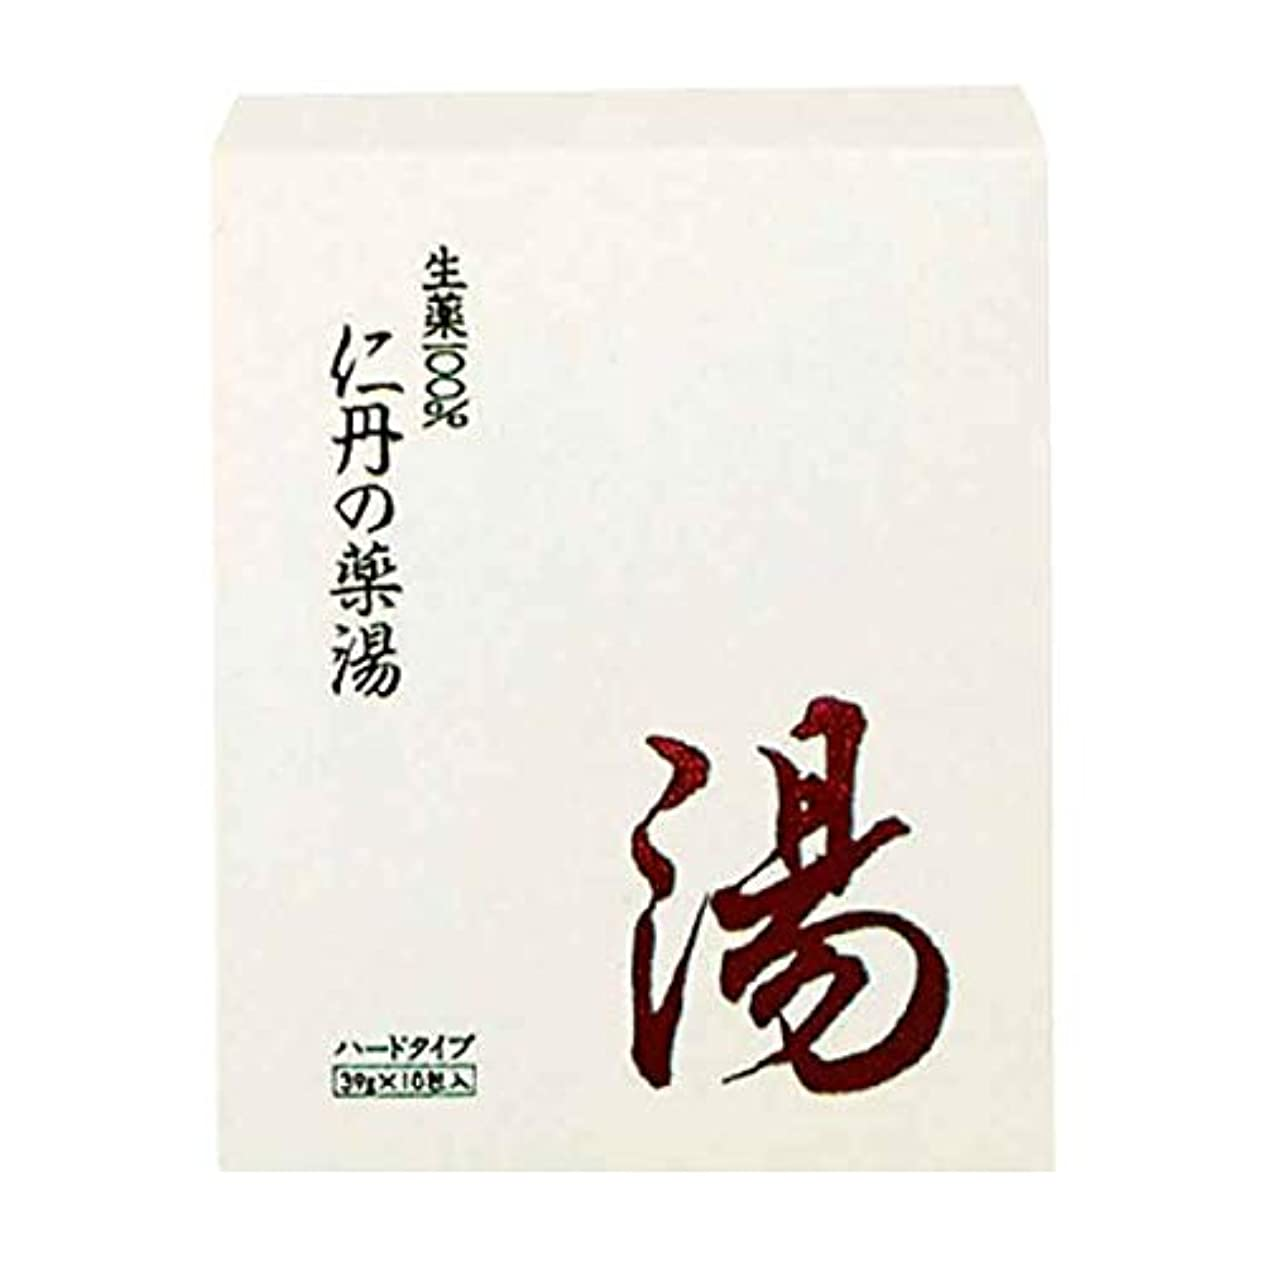 味付け決めますお別れ森下仁丹 仁丹の薬湯(ハード) 10包 [医薬部外品]